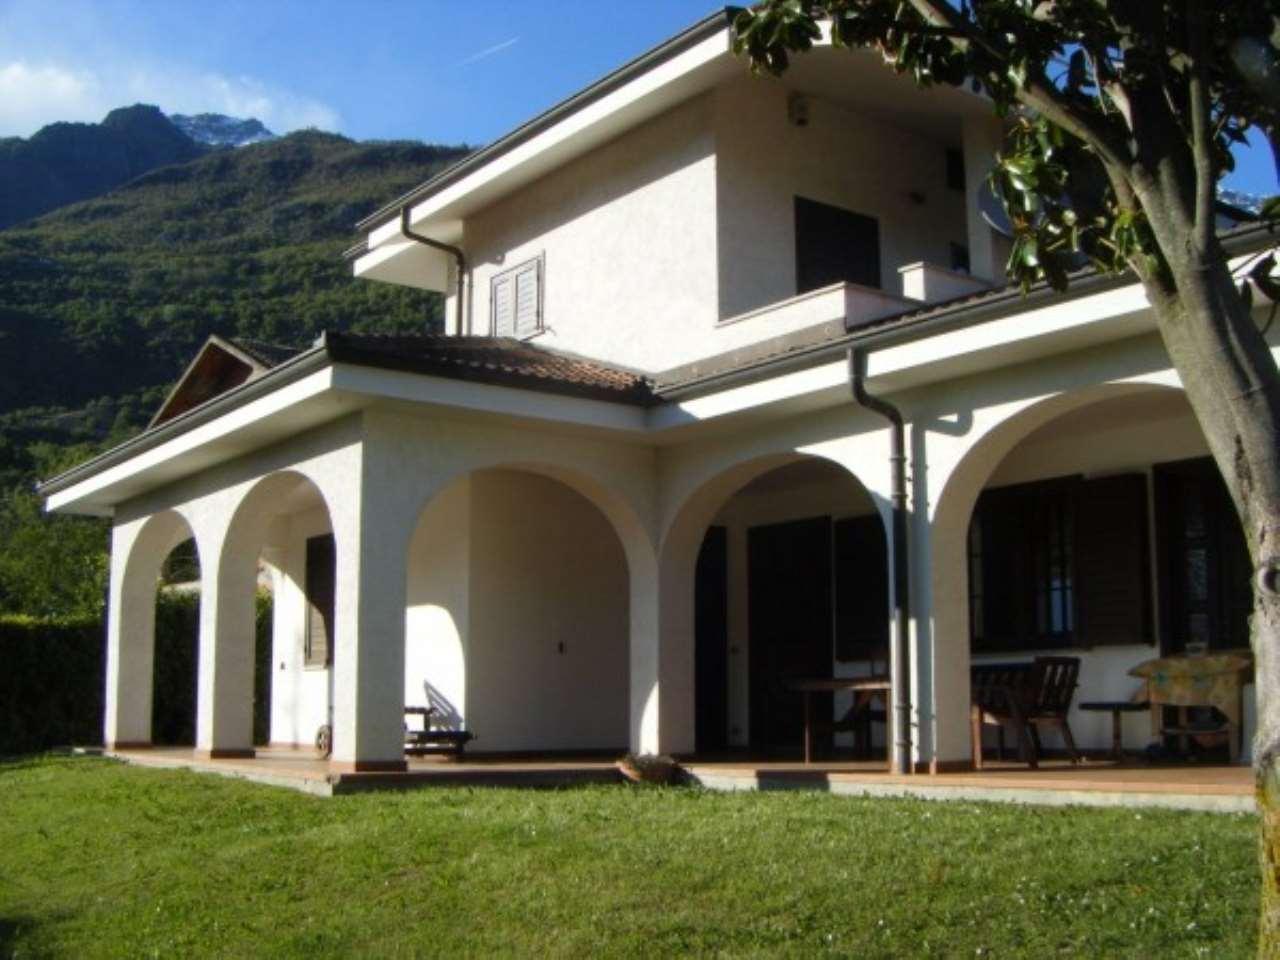 Villa in vendita a Chianocco, 5 locali, Trattative riservate | CambioCasa.it